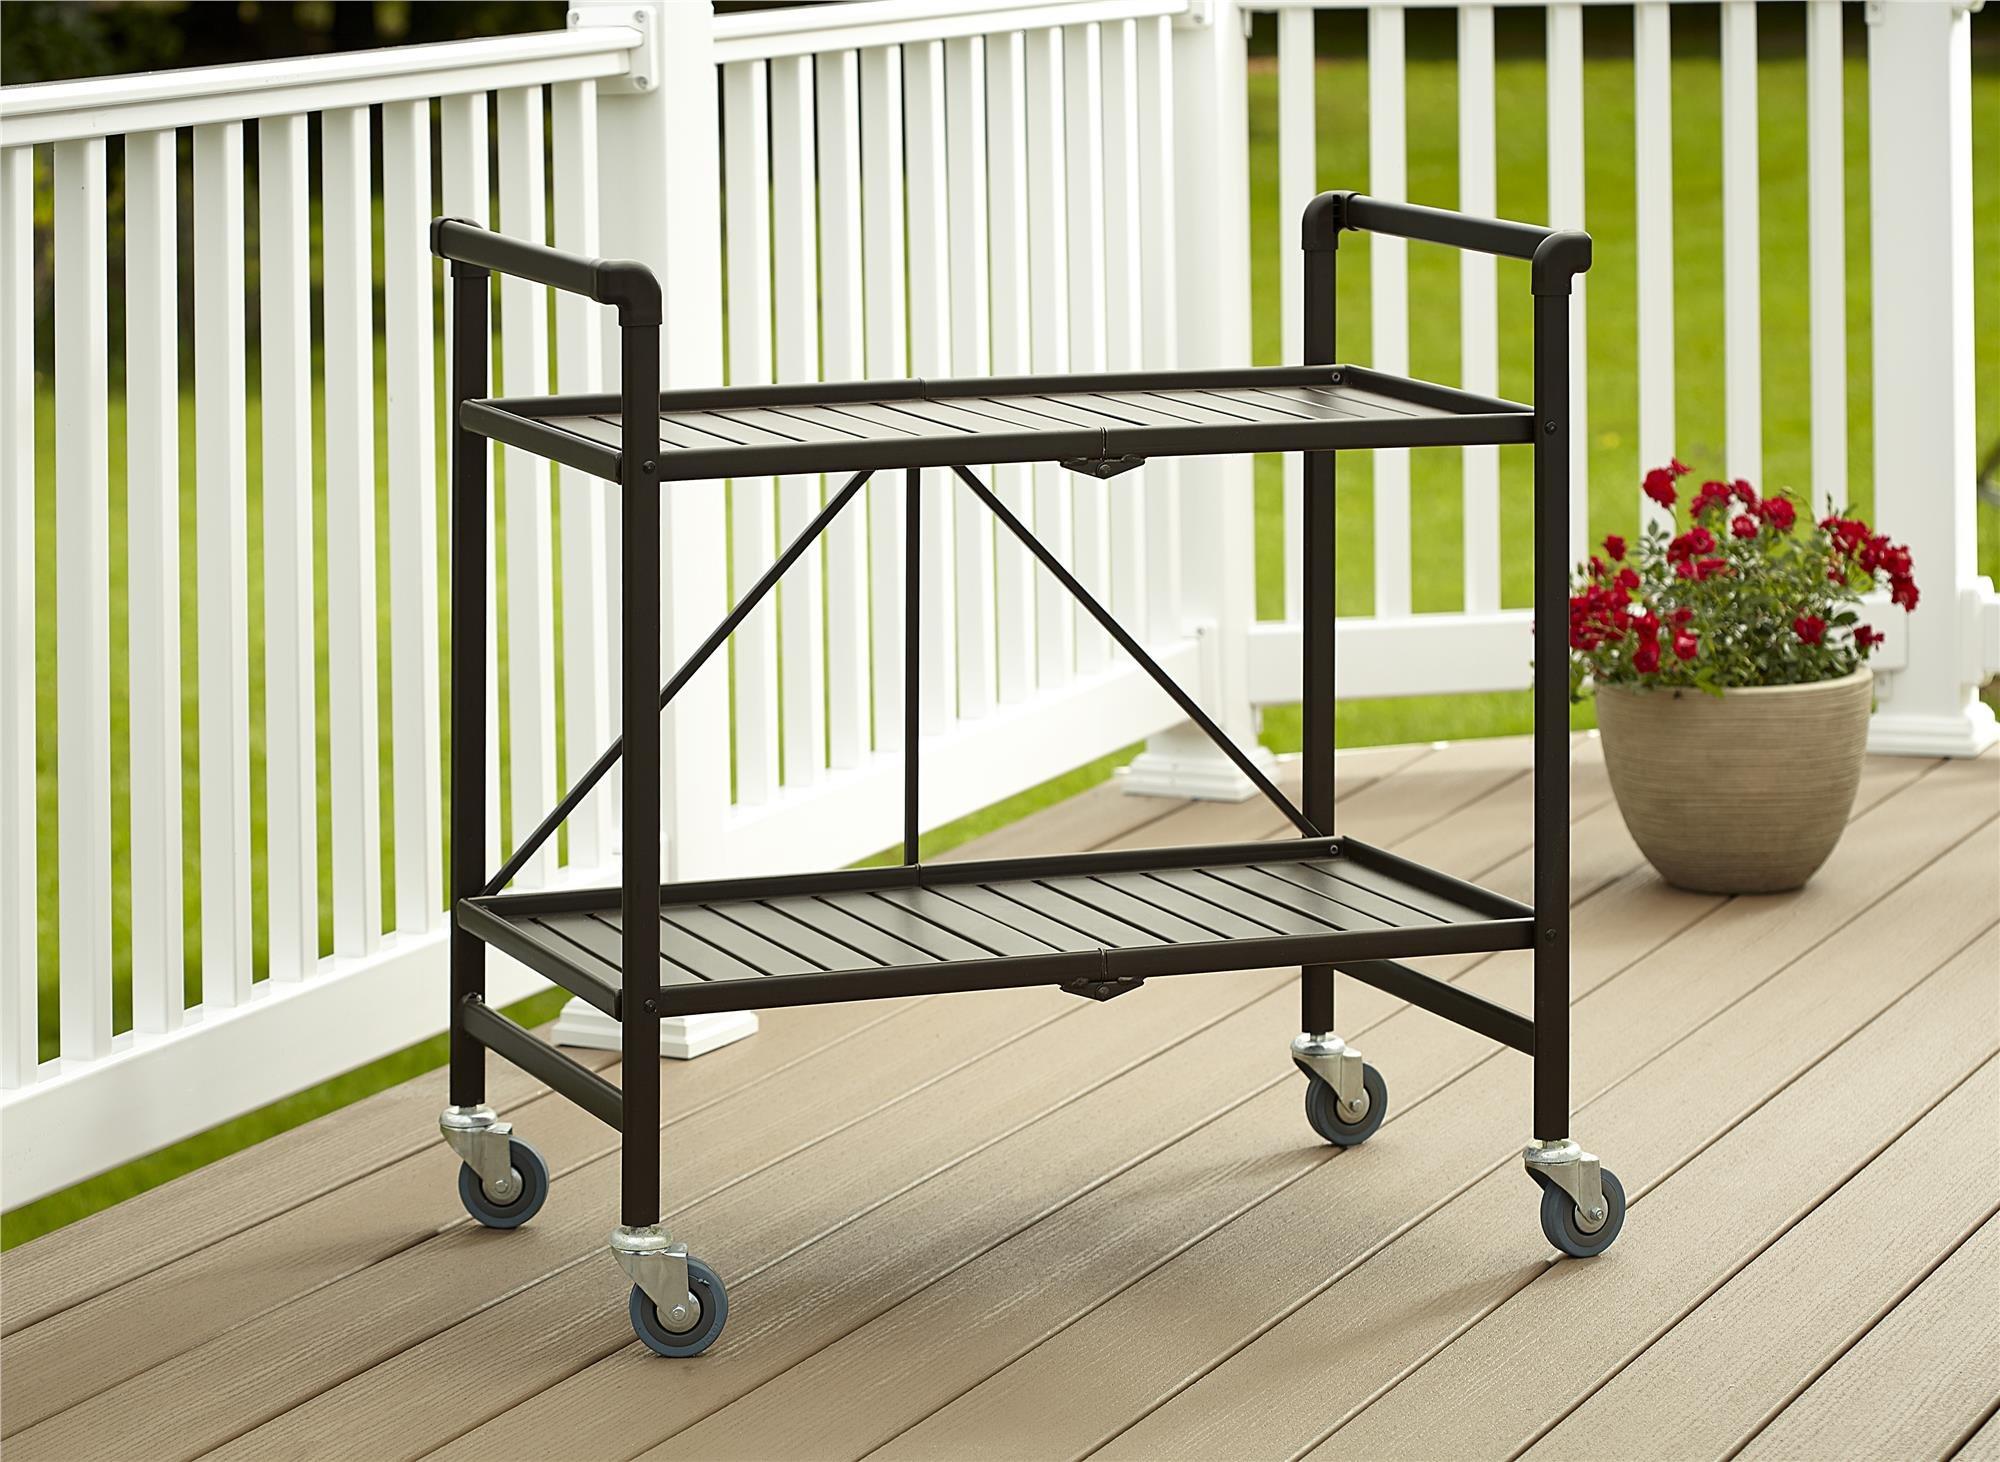 Cosco Indoor/Outdoor Serving Cart, Folding, Brown by Cosco Outdoor Living